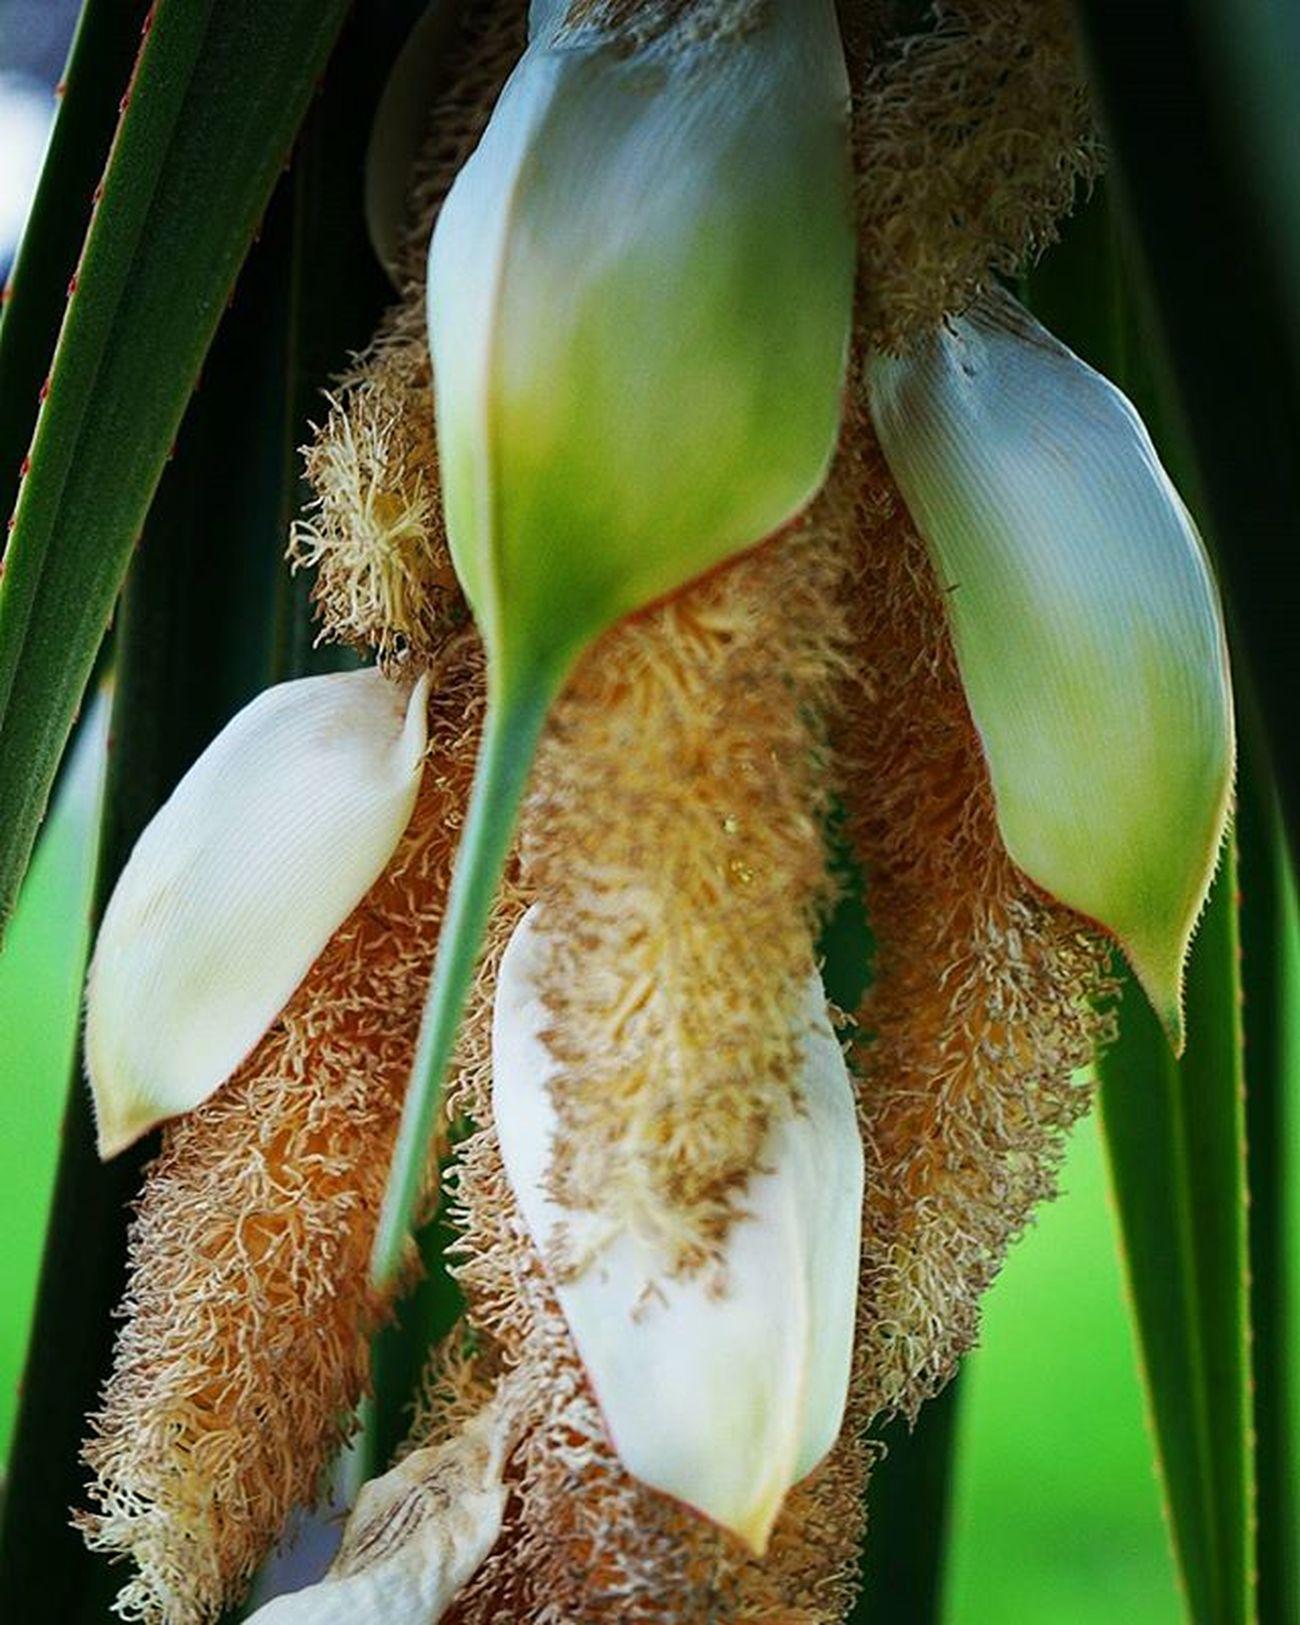 Naturelovers Nature Ig_naturelovers Ig_naturaleza Bestoftheday Bestshot Ig_bestpics Ig_bestpics Ig_bestshotz Ig_bestshotz Floweroftheday Flor IG_Flower Ig_flowerpower